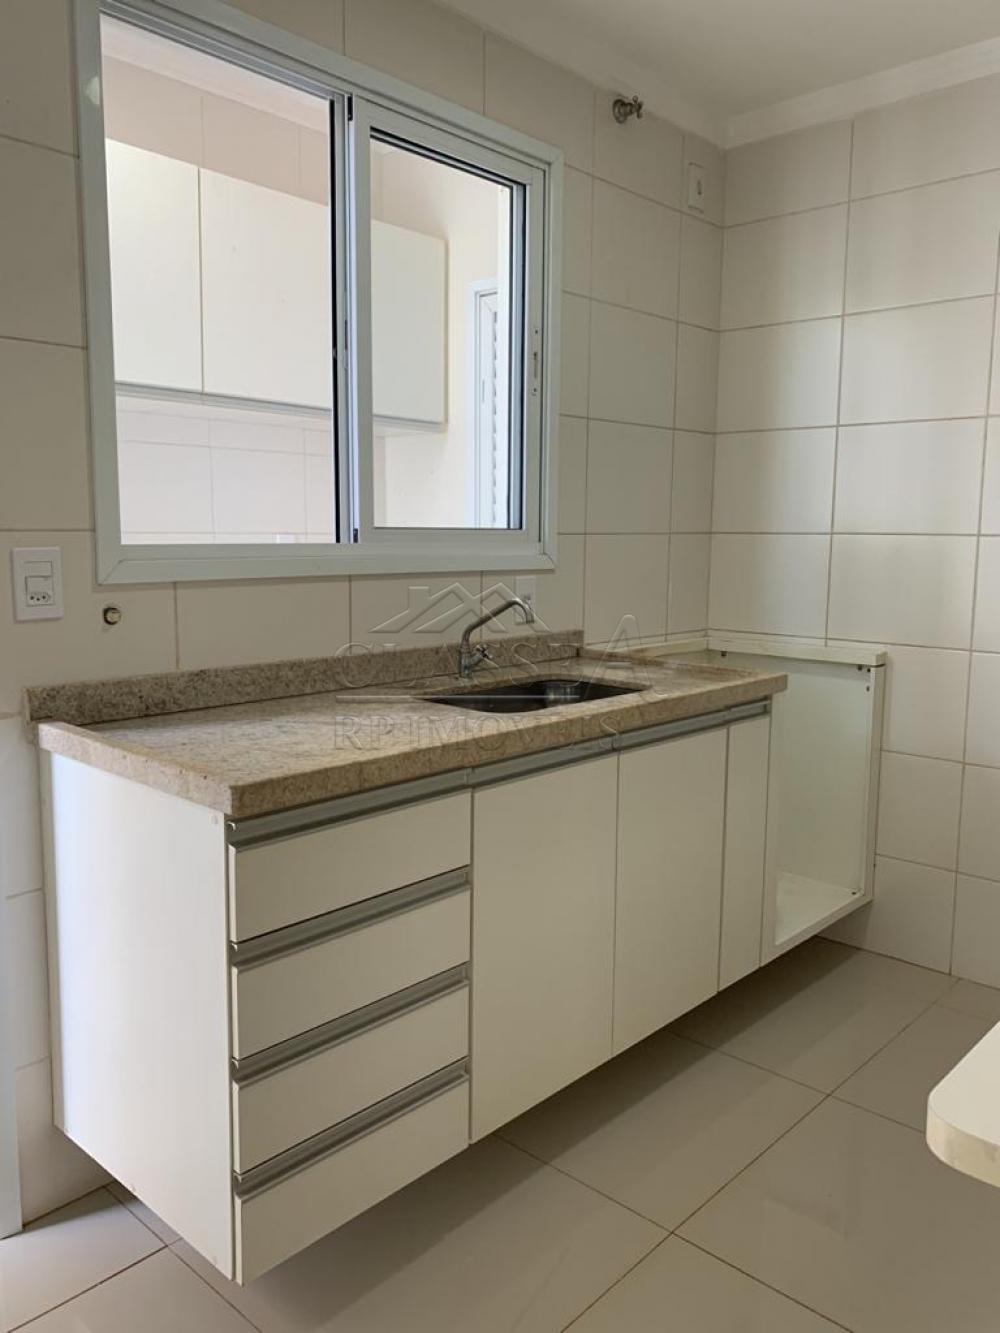 Alugar Casa / Condomínio - sobrado em Ribeirão Preto R$ 3.200,00 - Foto 1